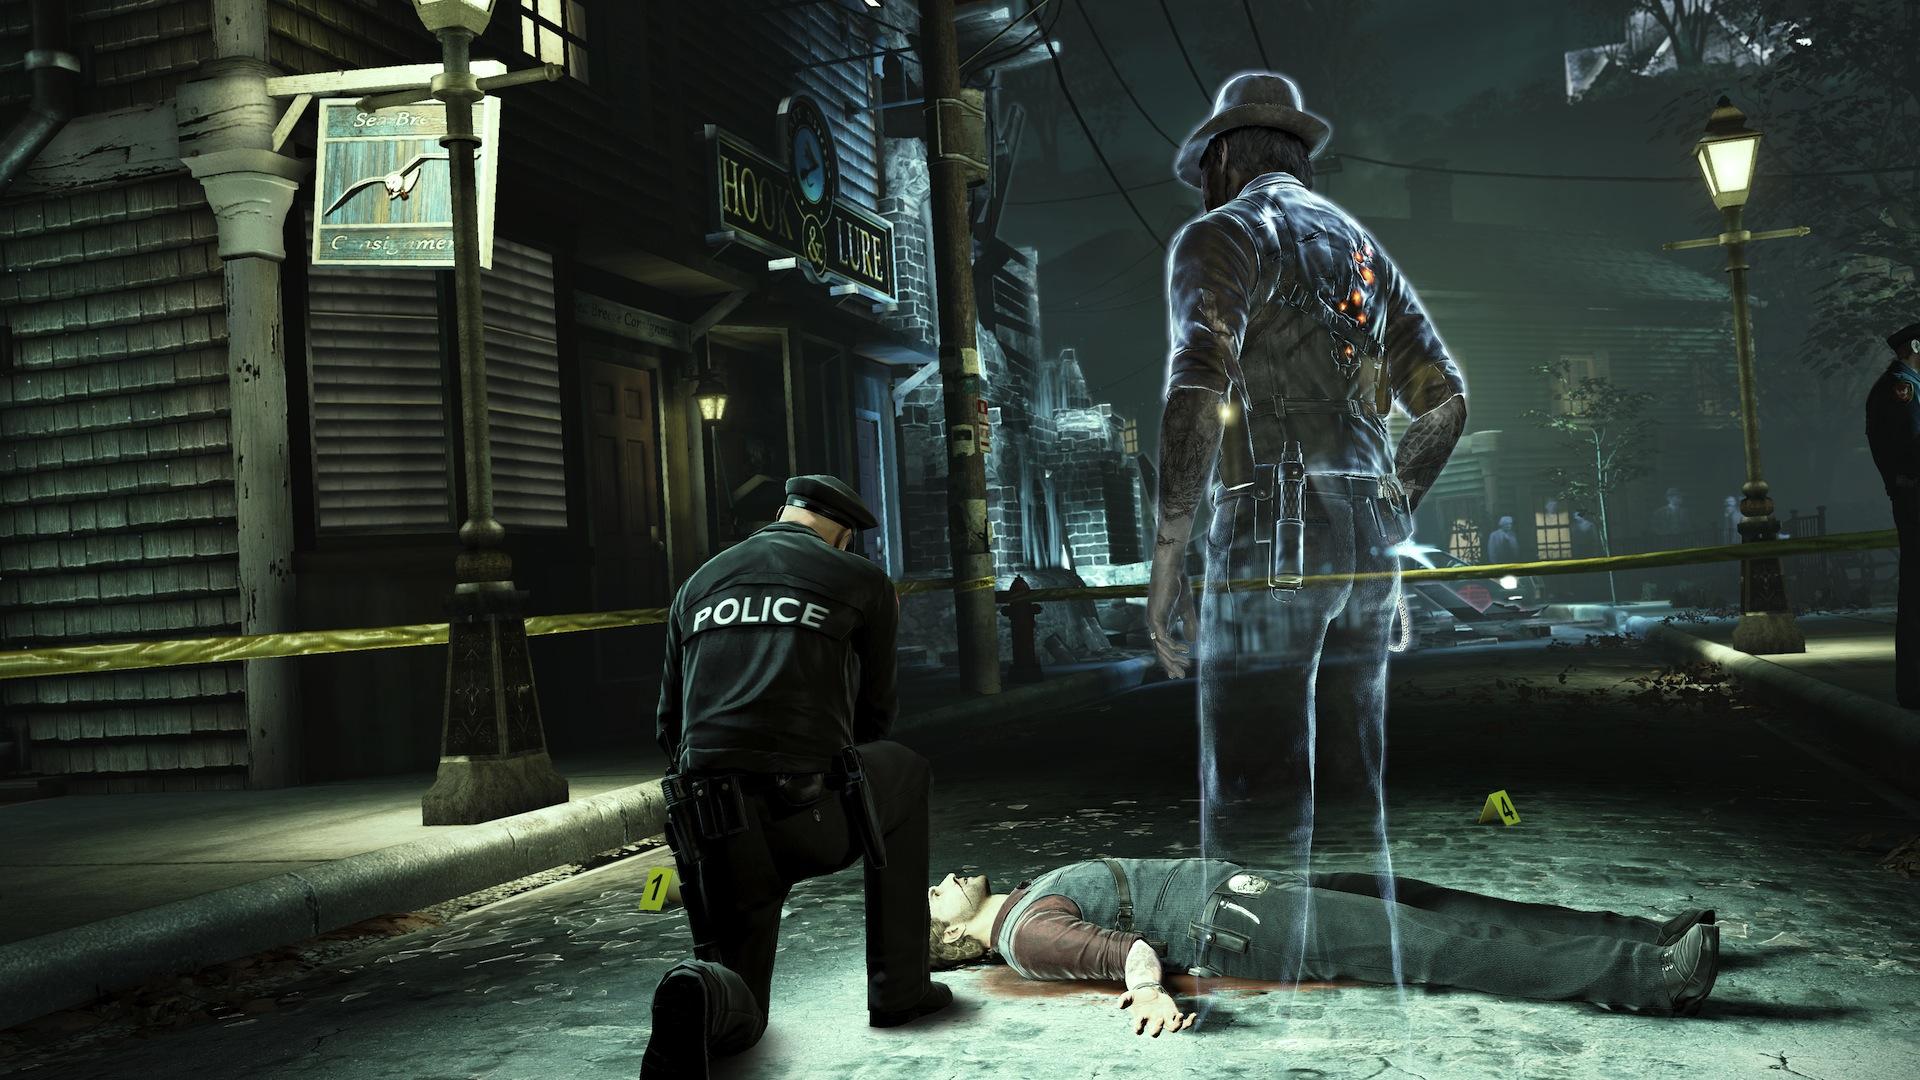 Estos son algunos adelantos de la E3 [Resumen Pre-E3]